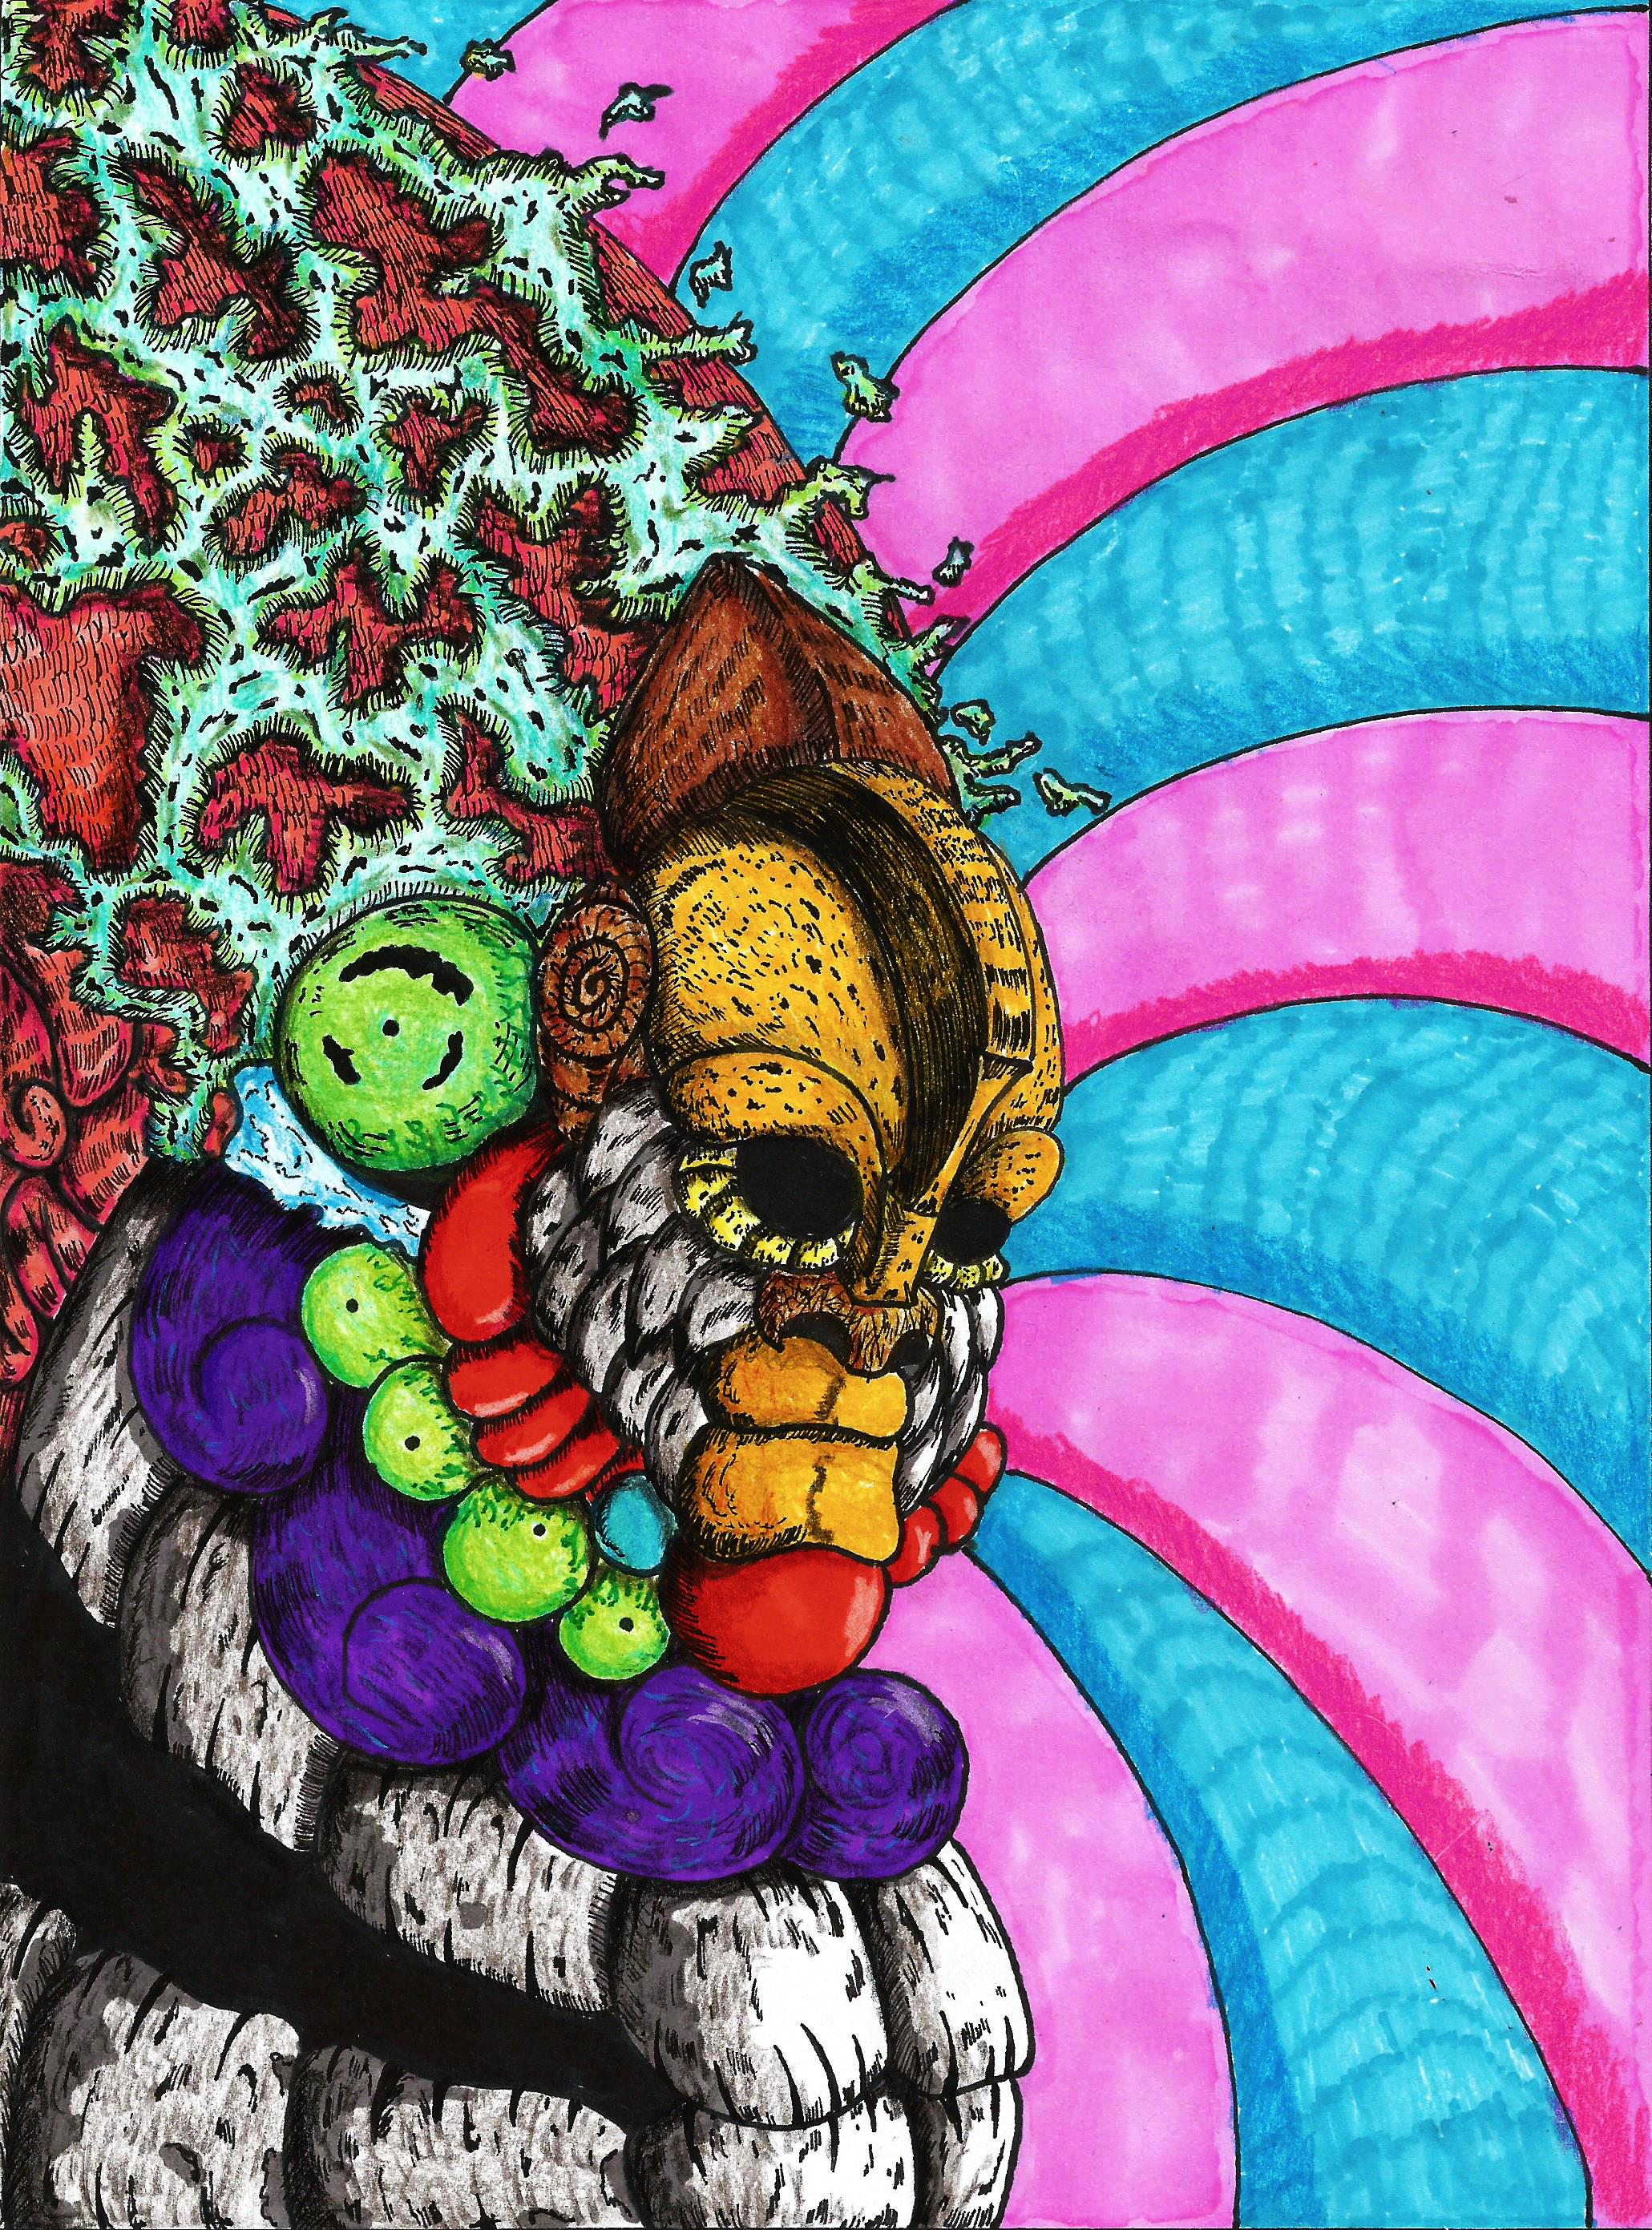 The jungle monkey beat band.